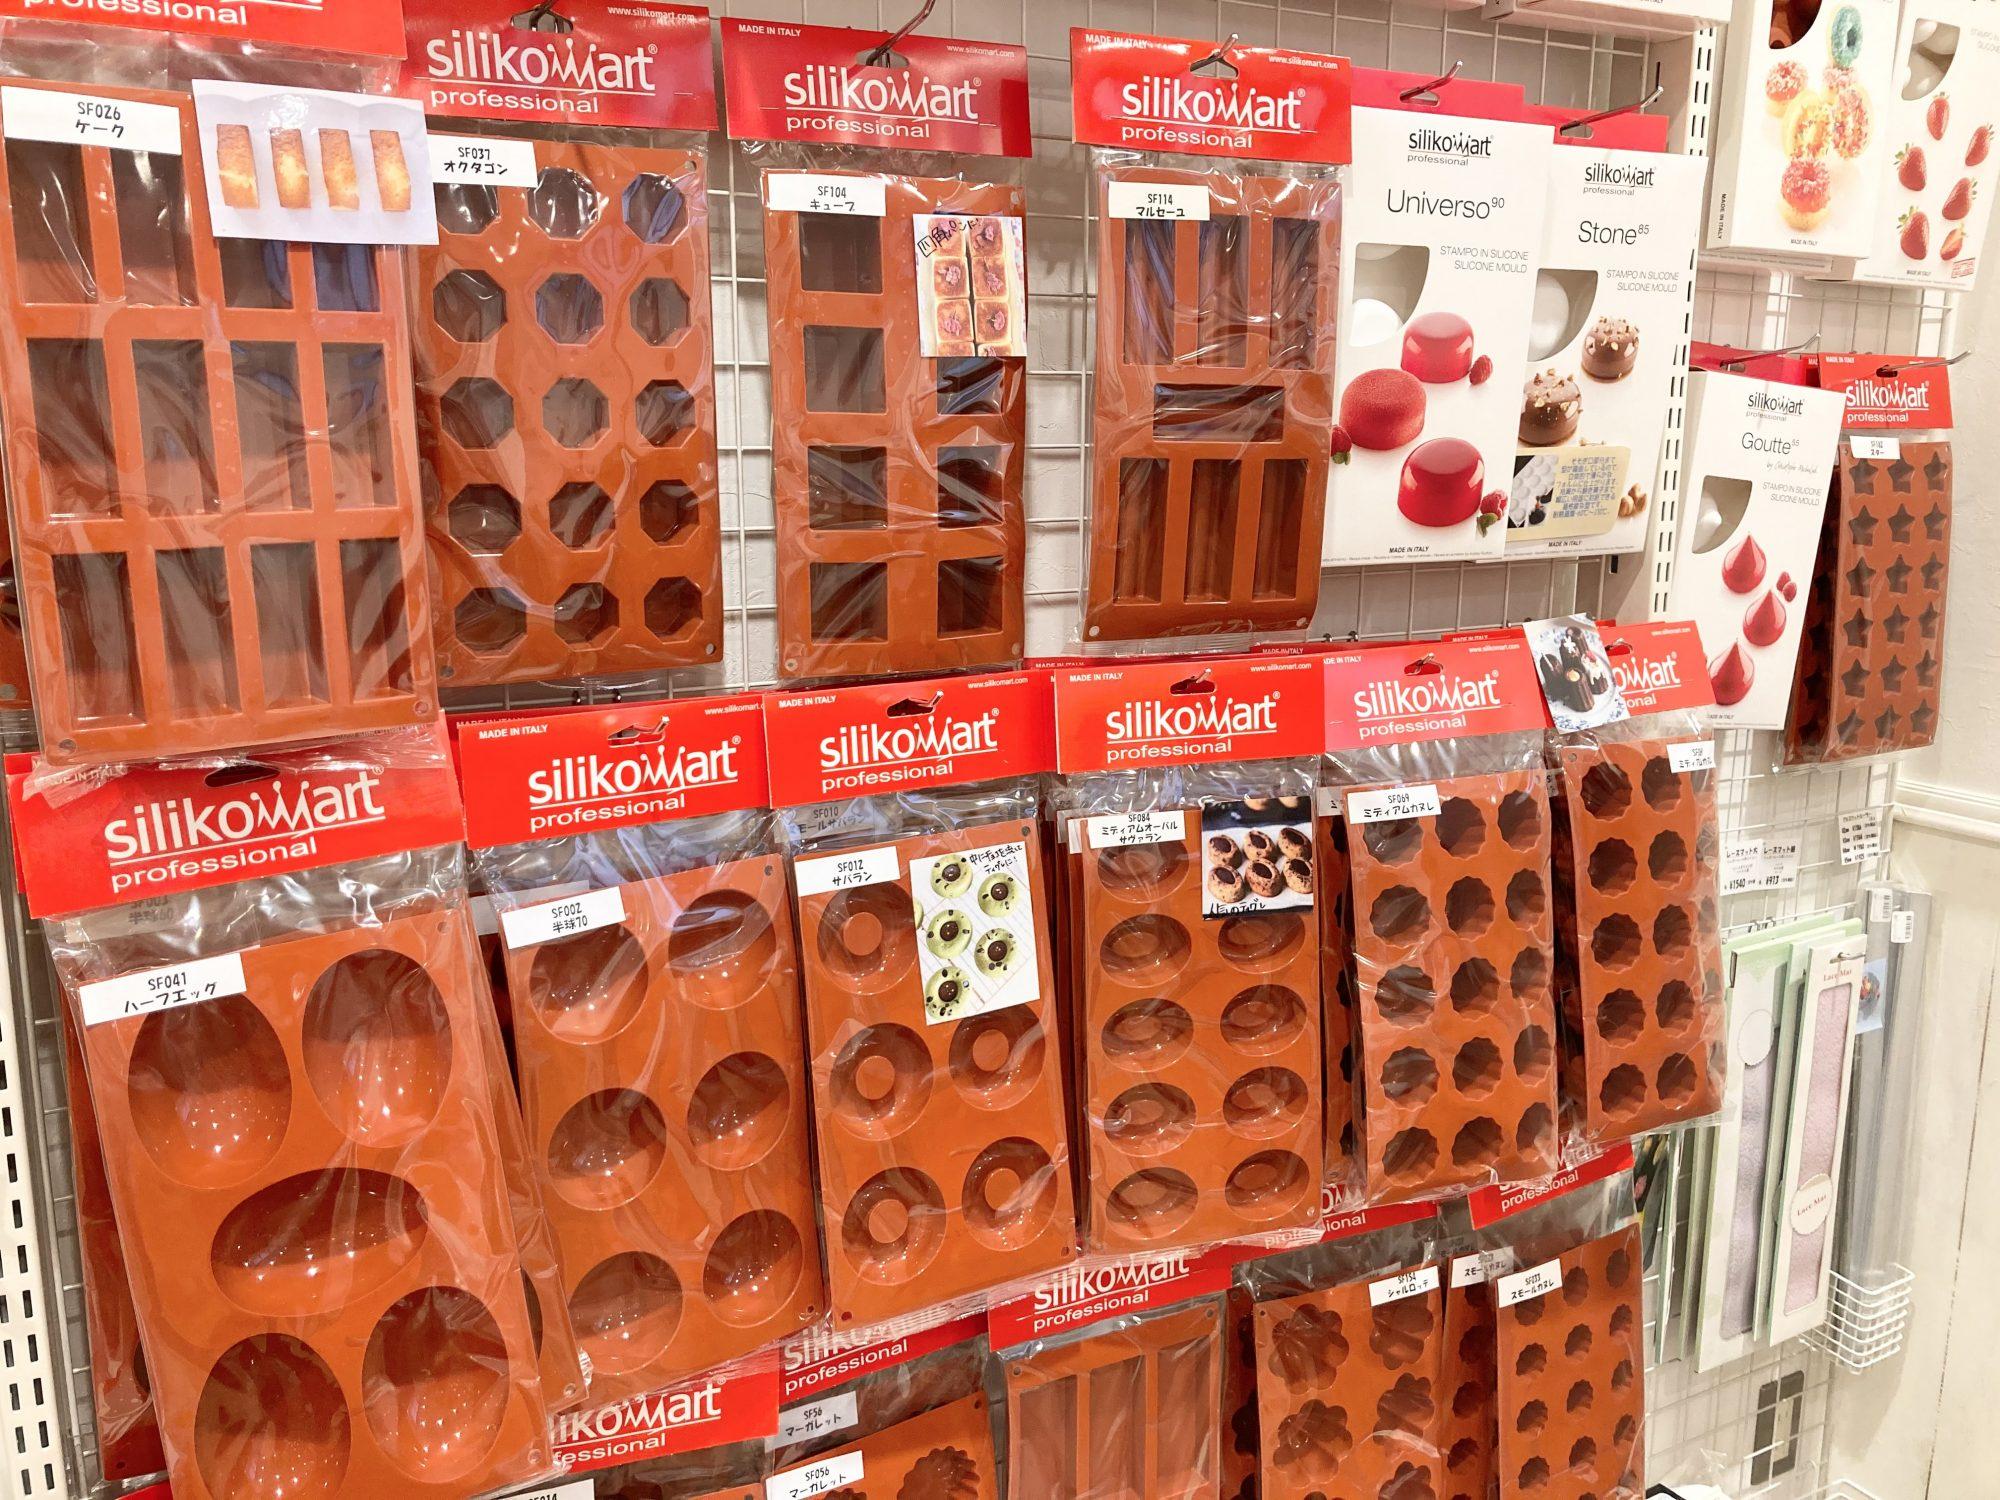 人気のシリコン型「シリコマート(silikomart)」も道具セール対象です♪